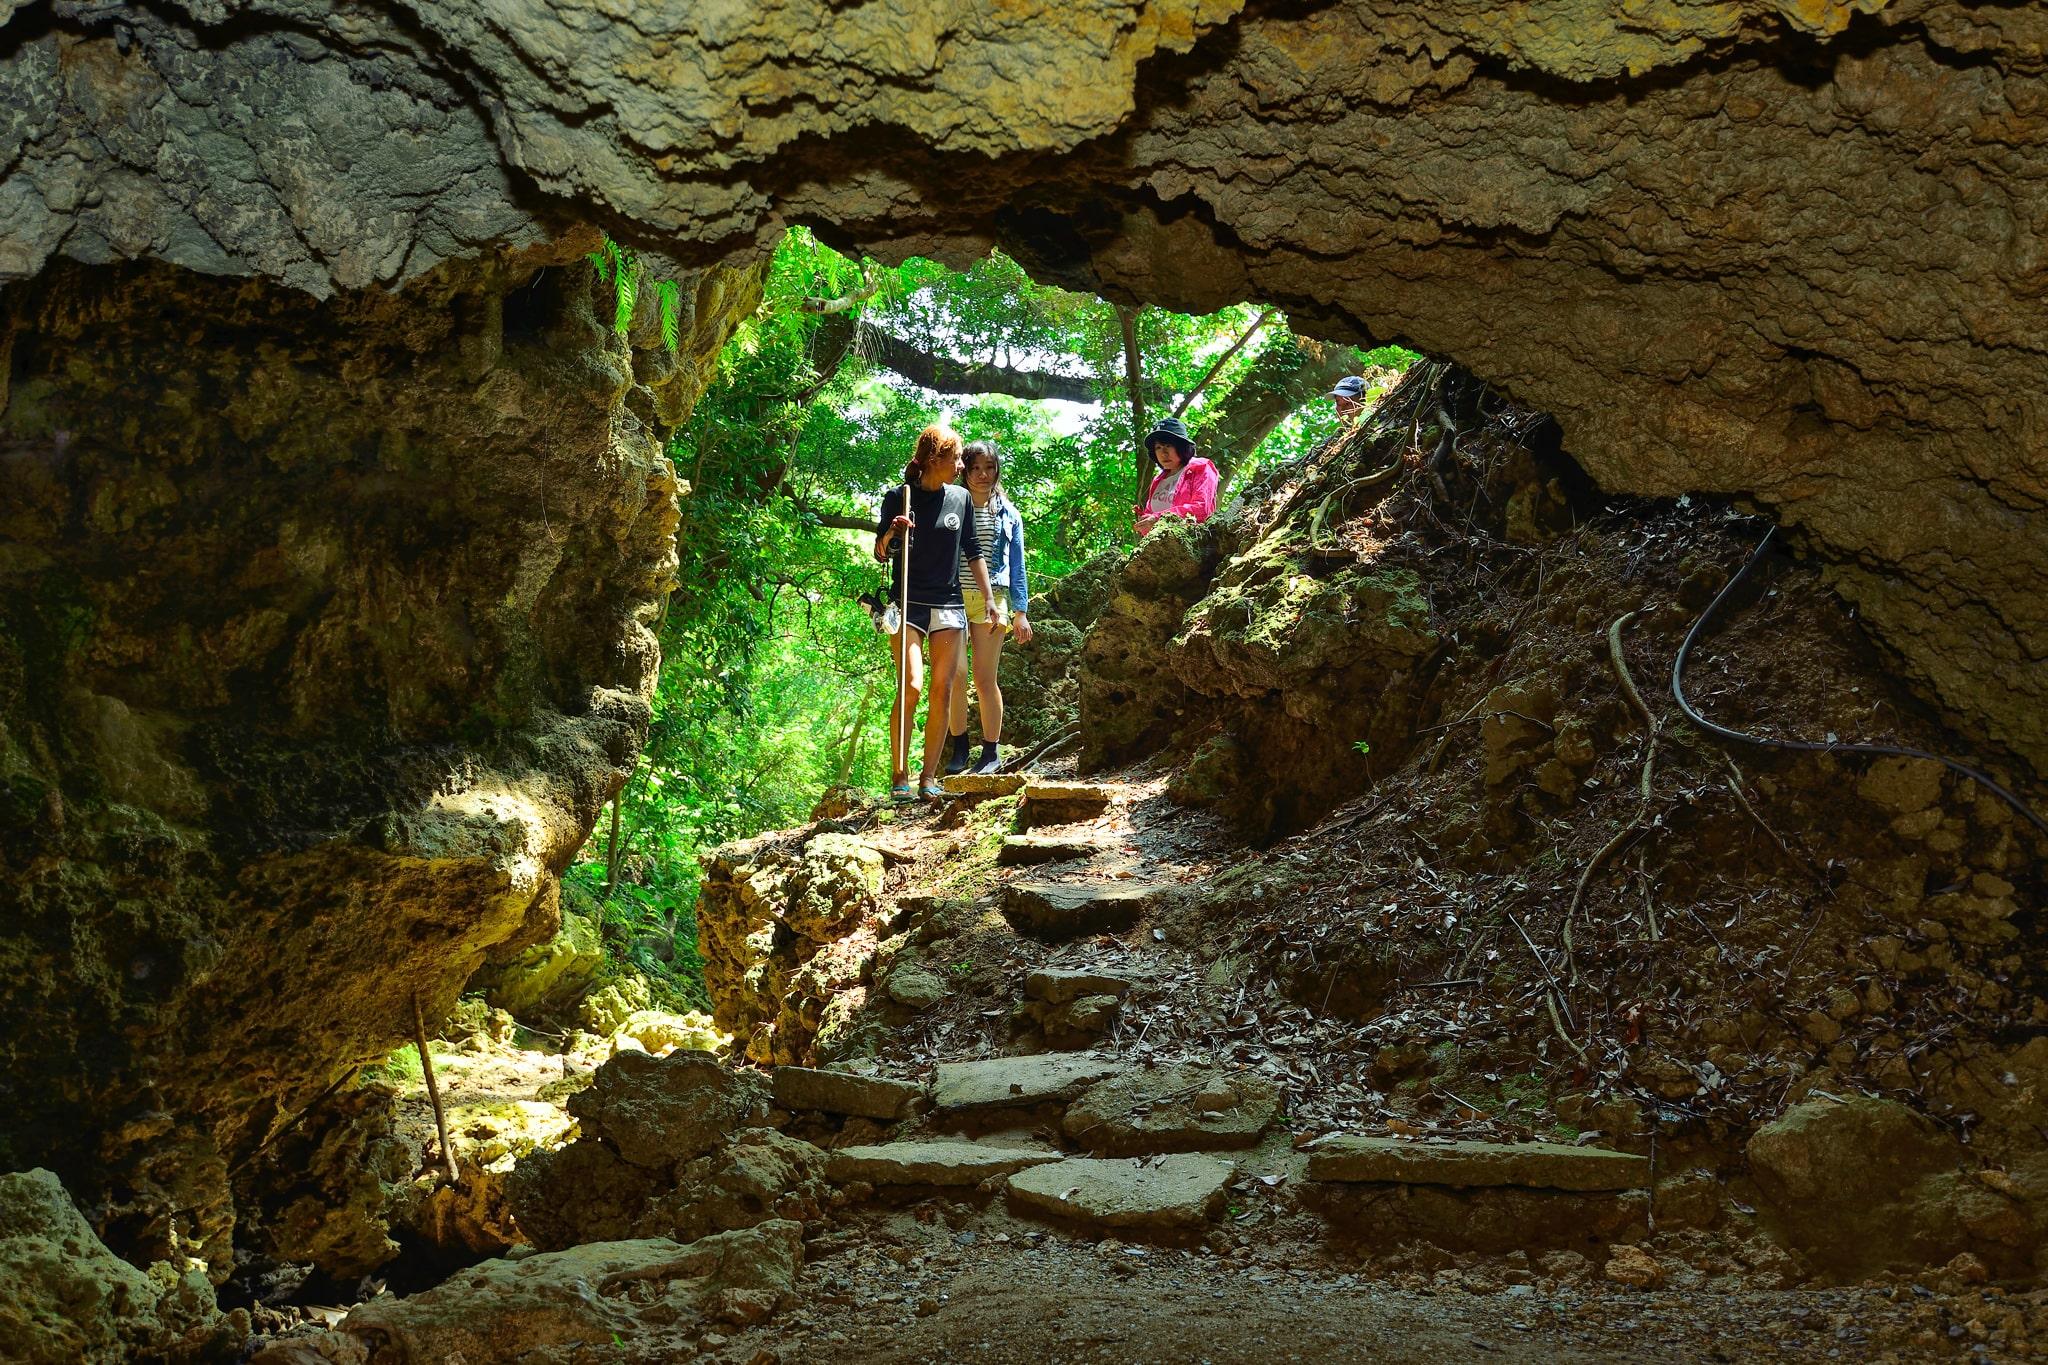 鍾乳洞・秘境パワースポットの探検